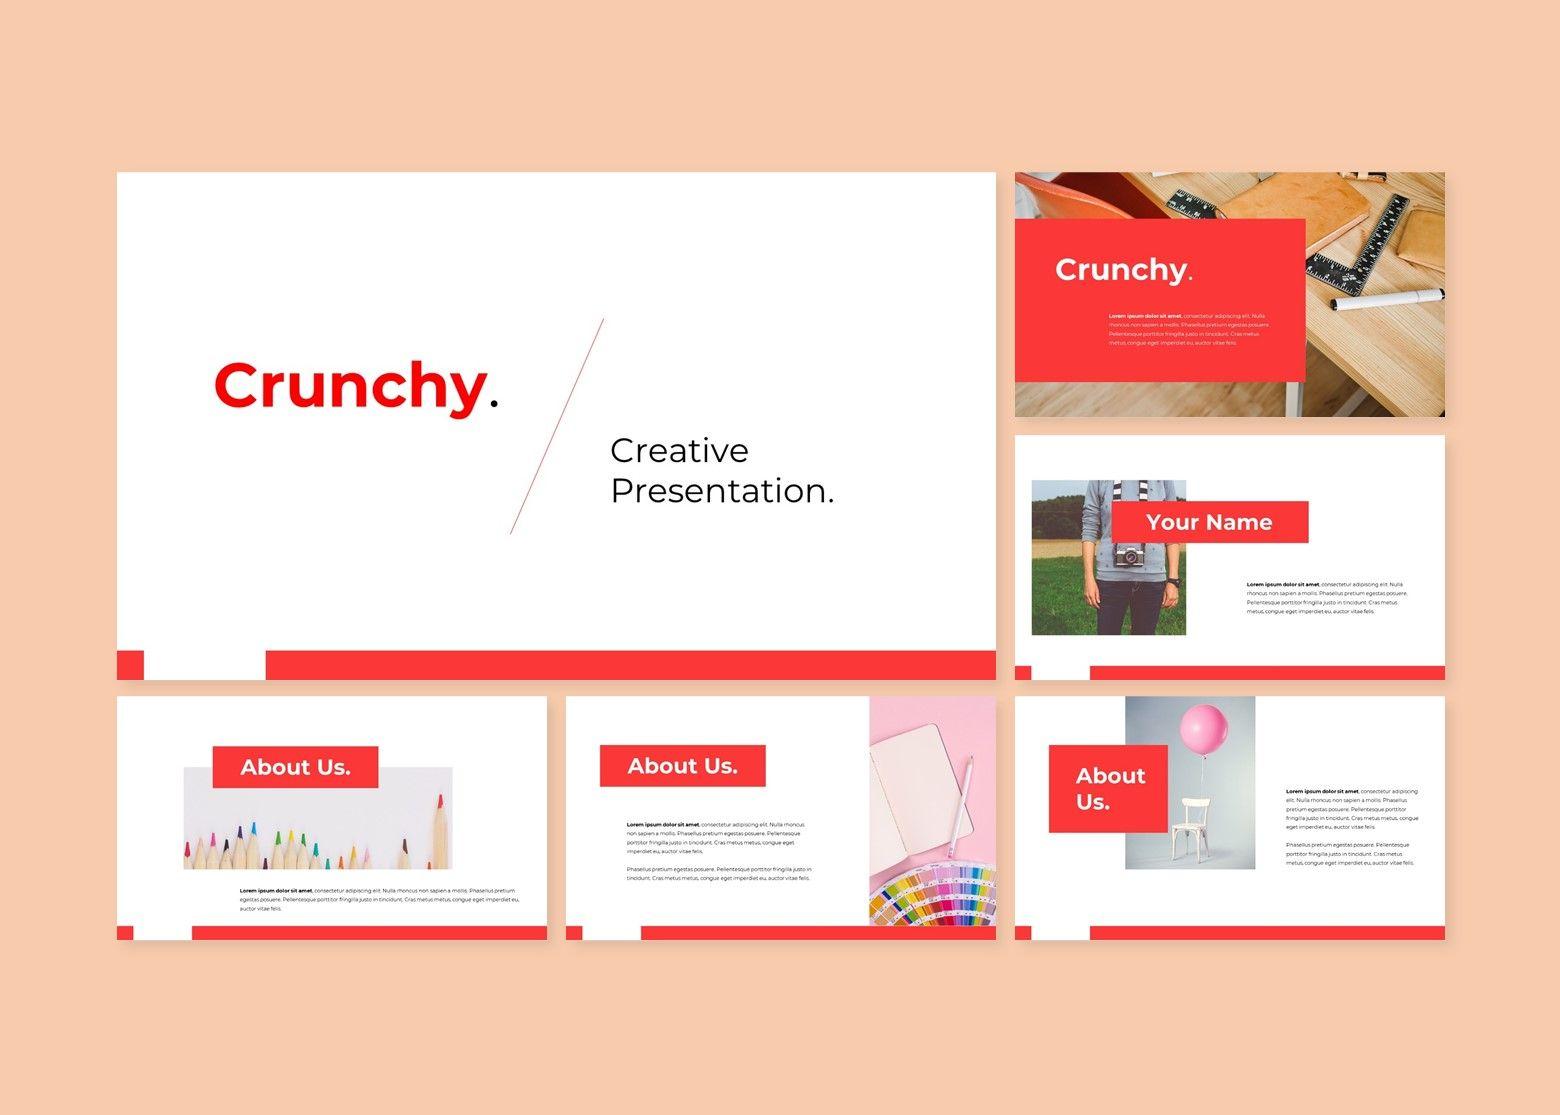 Crunchy Creative PowerPoint Template, Slide 2, 08141, Business Models — PoweredTemplate.com